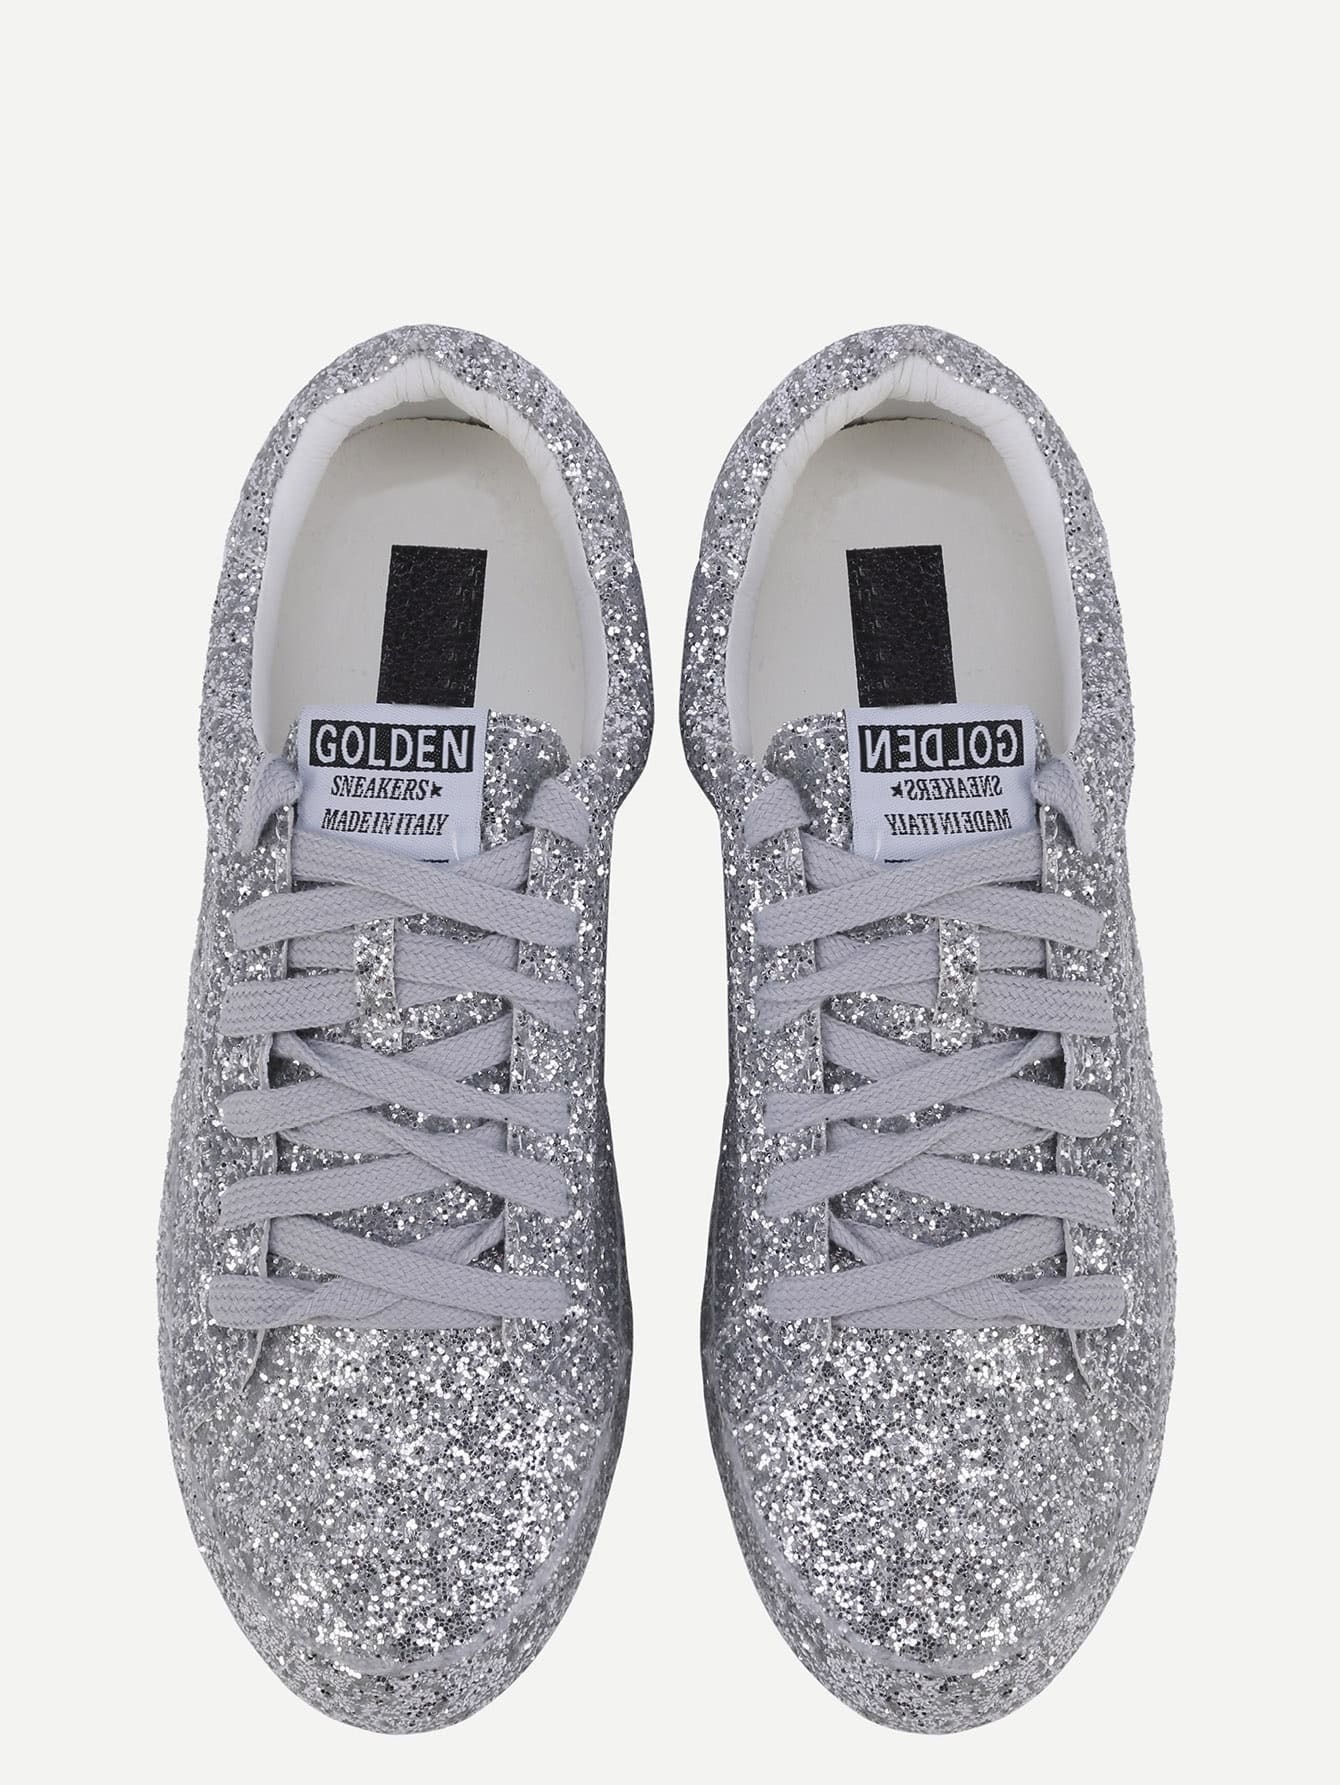 shoes161103815_2